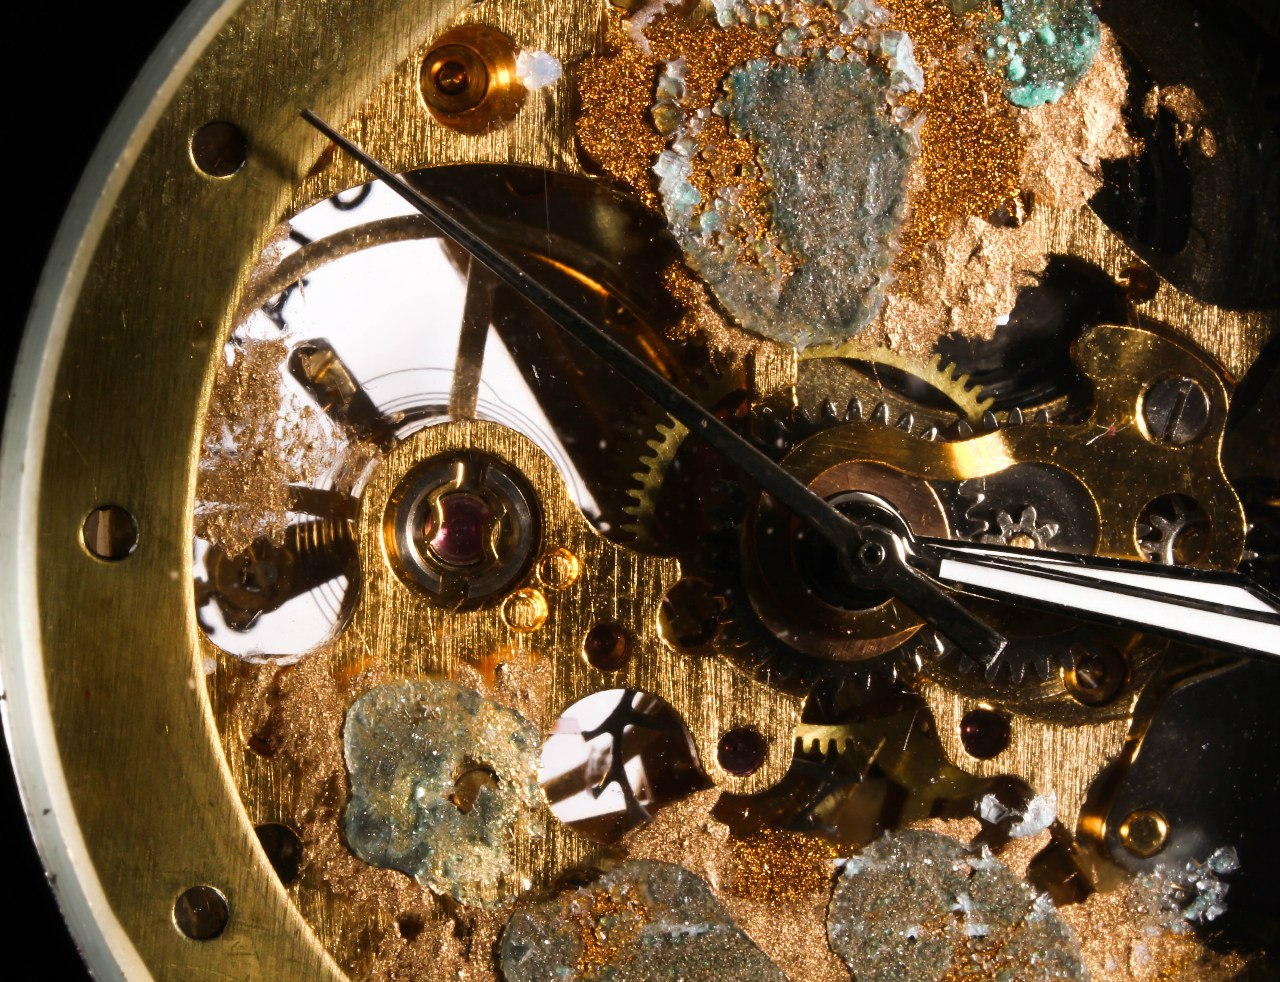 мужских часы сломаны картинки праву занимает